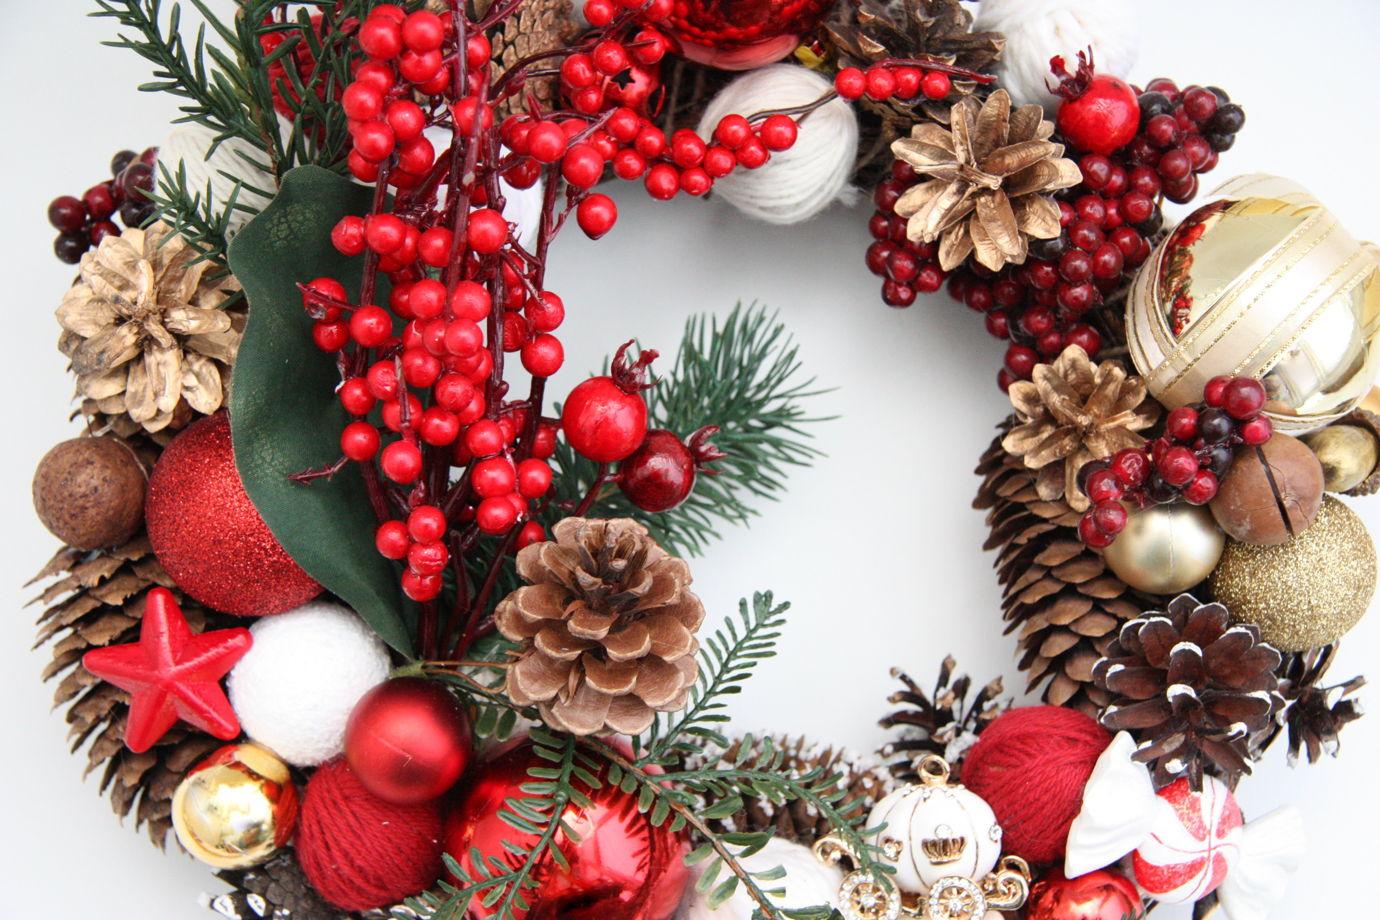 Рождественский венок из искусственной хвои в красной гамме с ягодами